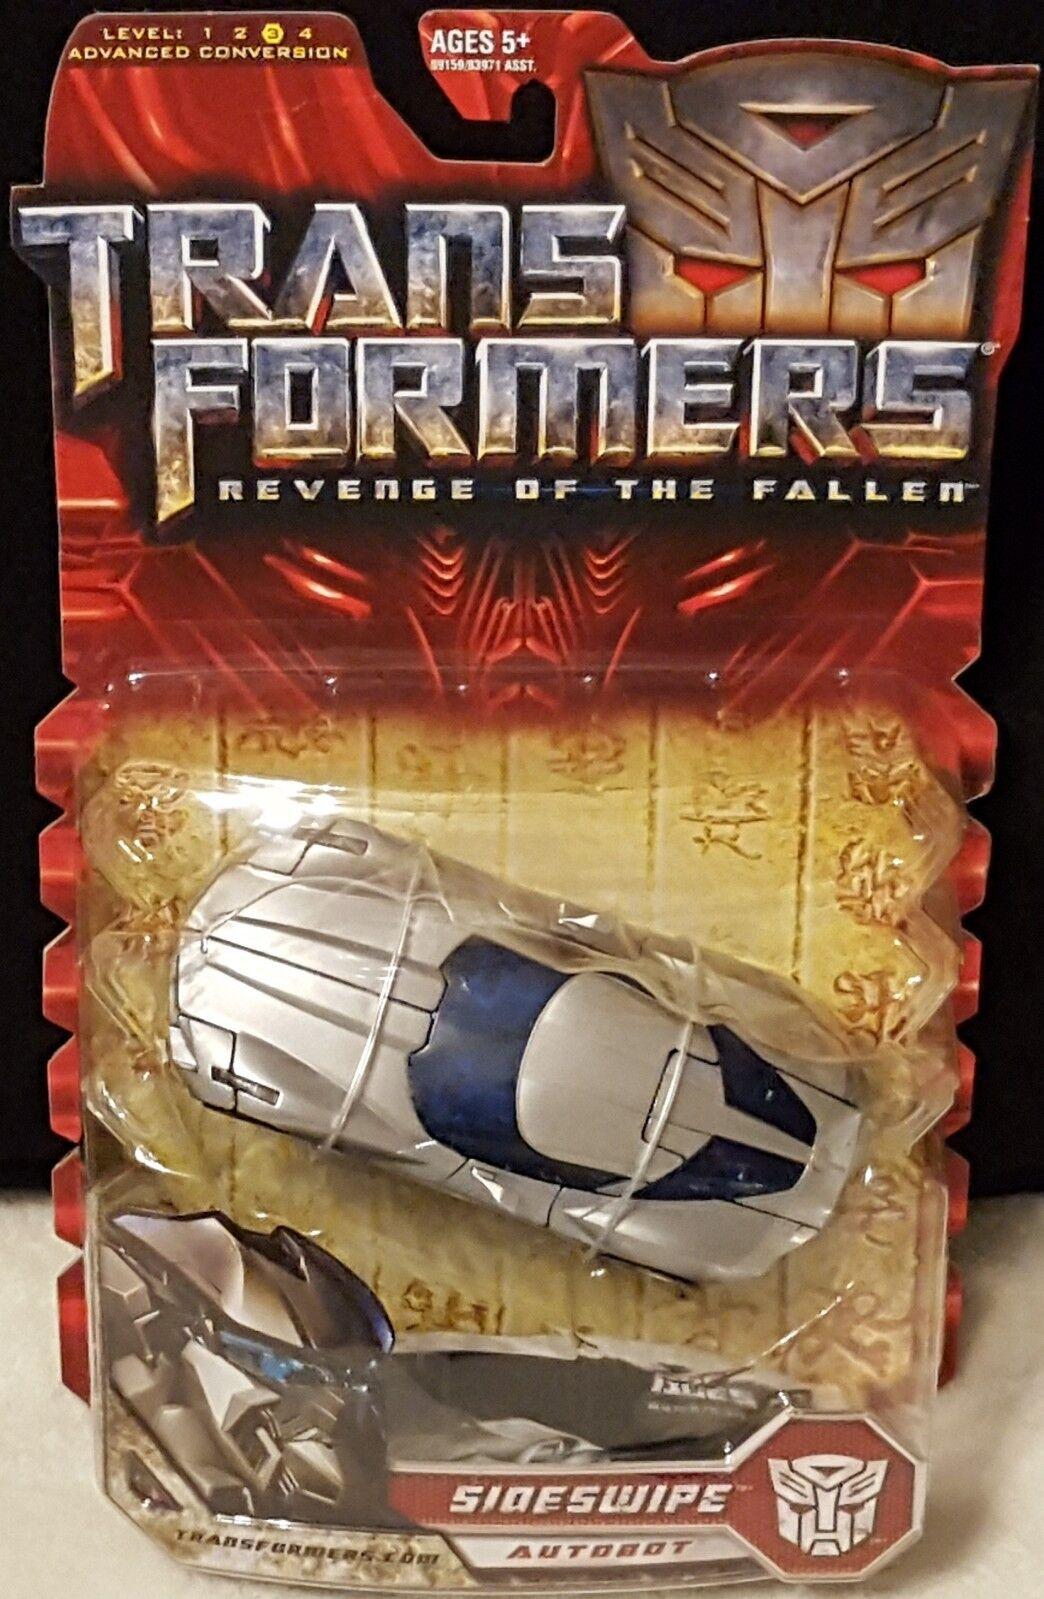 Sideswipe Autobot deluxe class Transformers la venganza de los caídos figura de acción